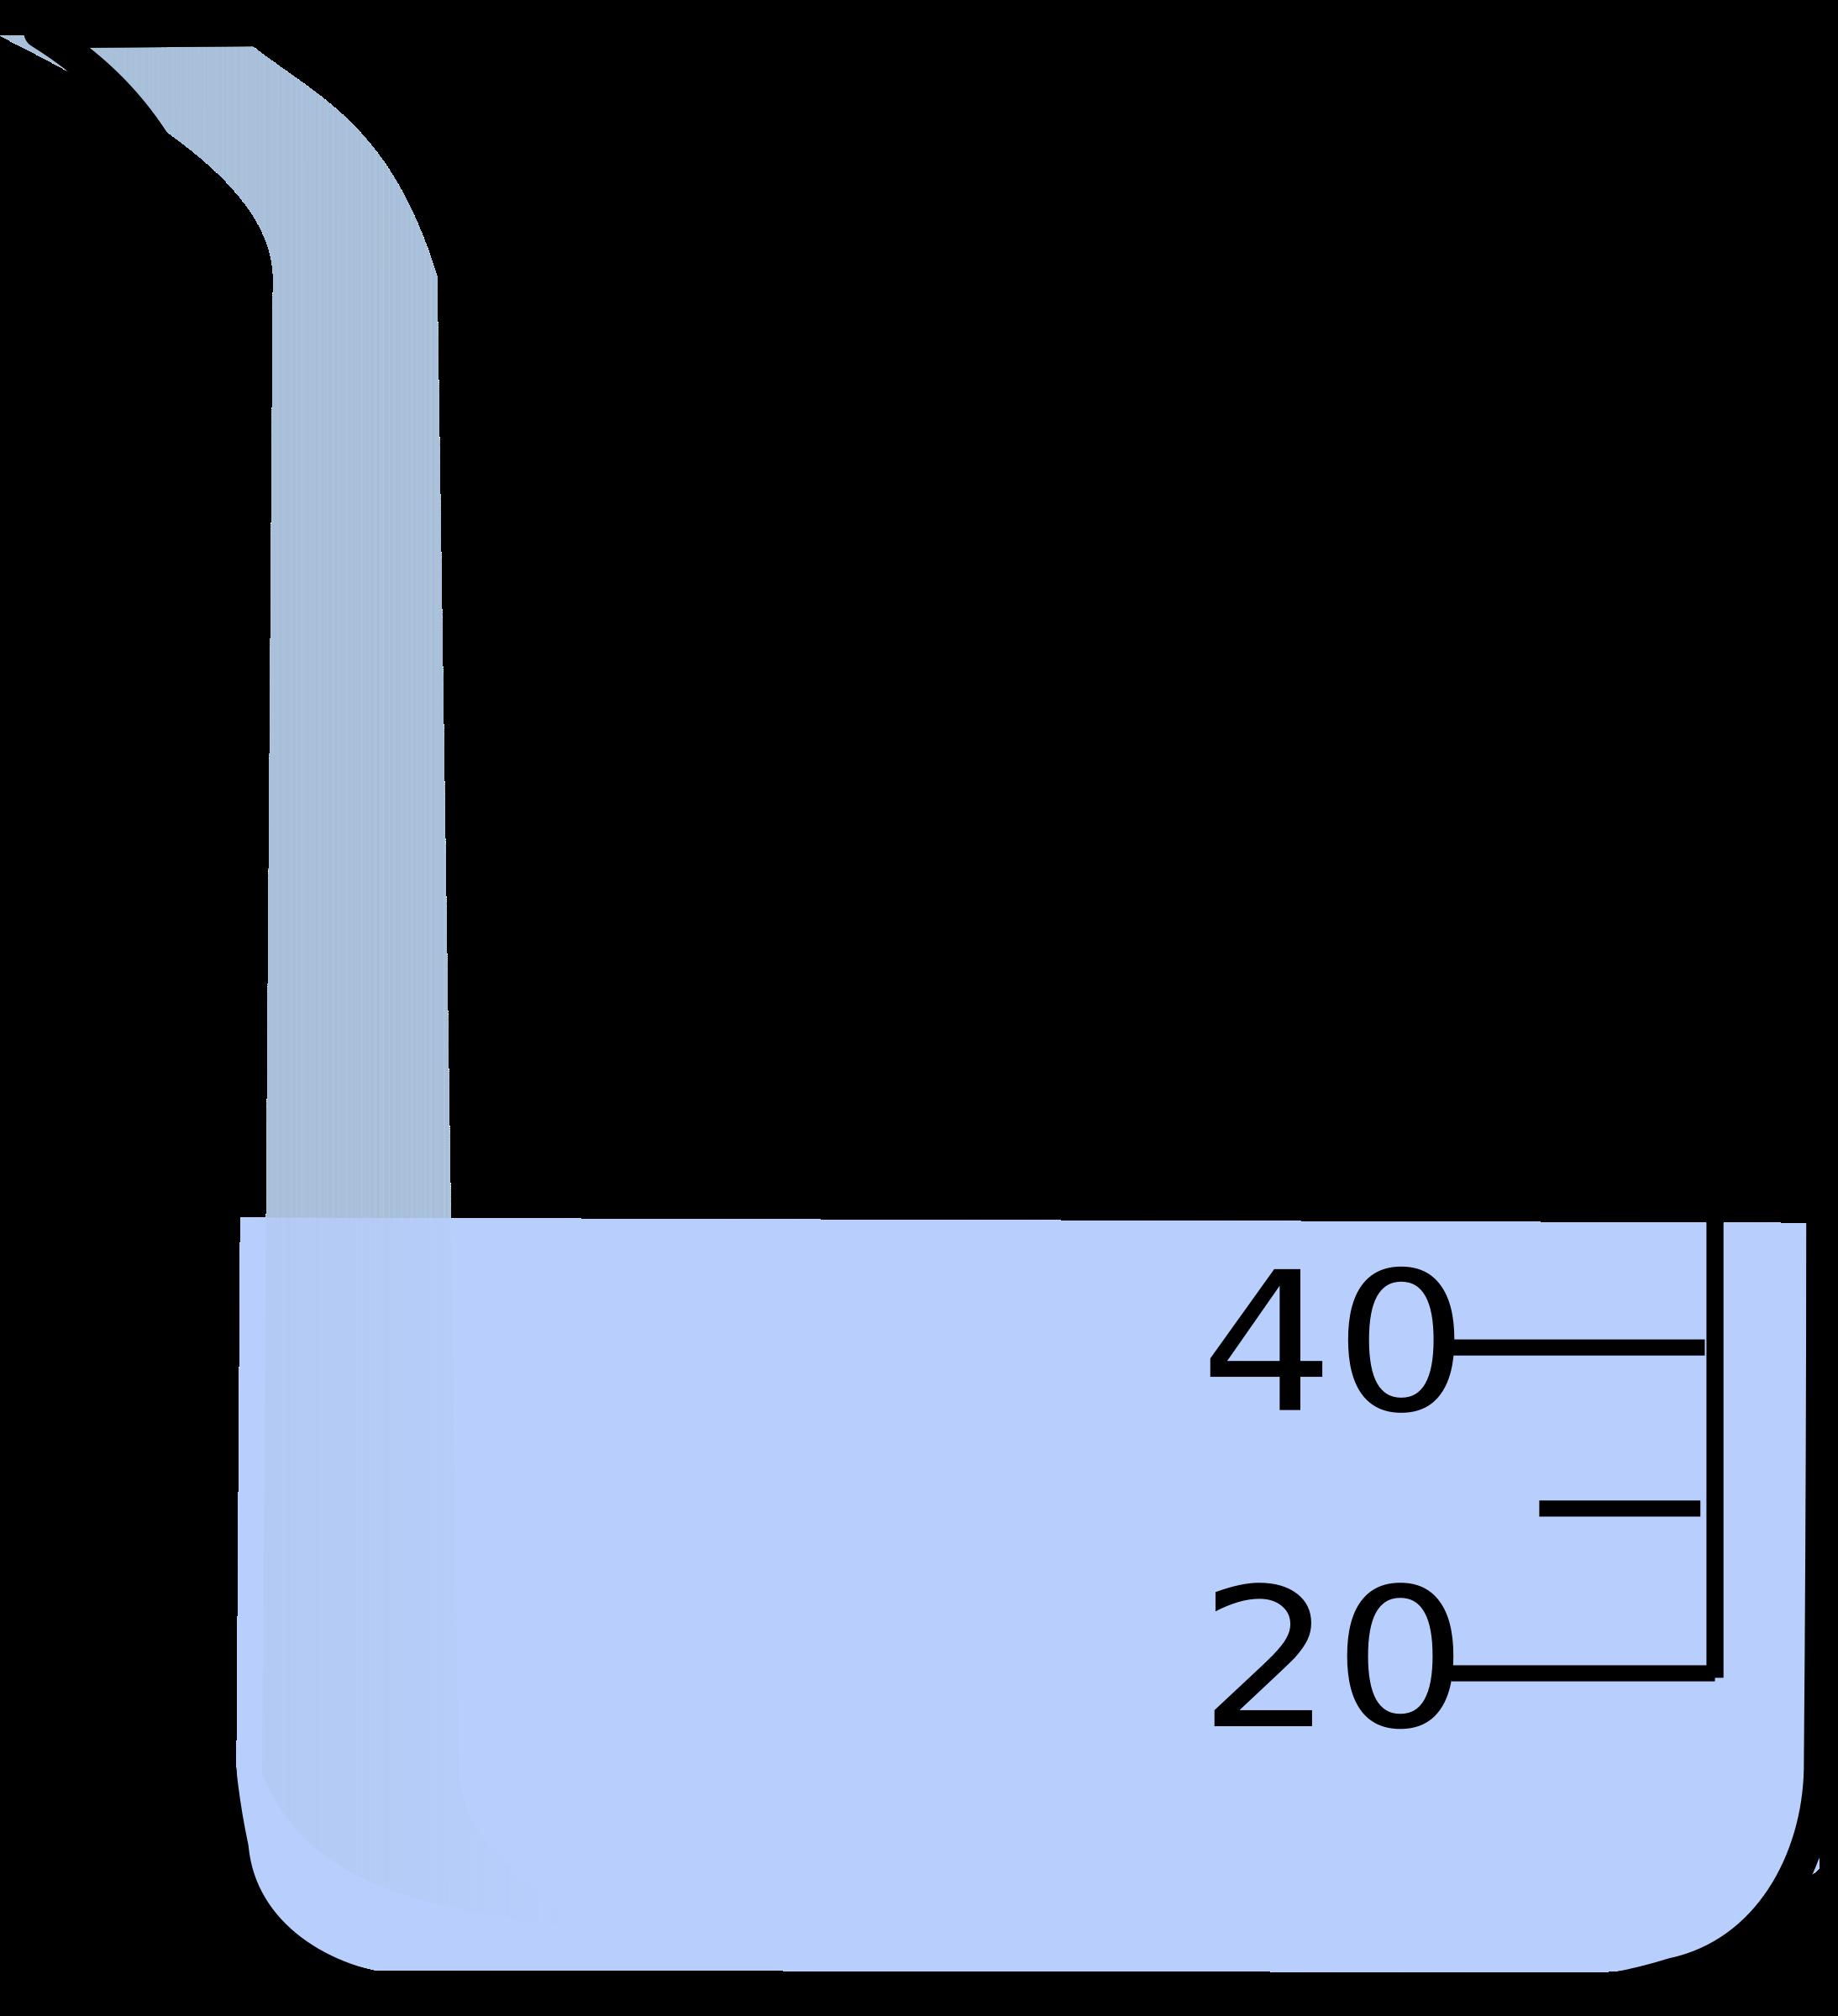 Beaker clipart diagram. Drawing at getdrawings com